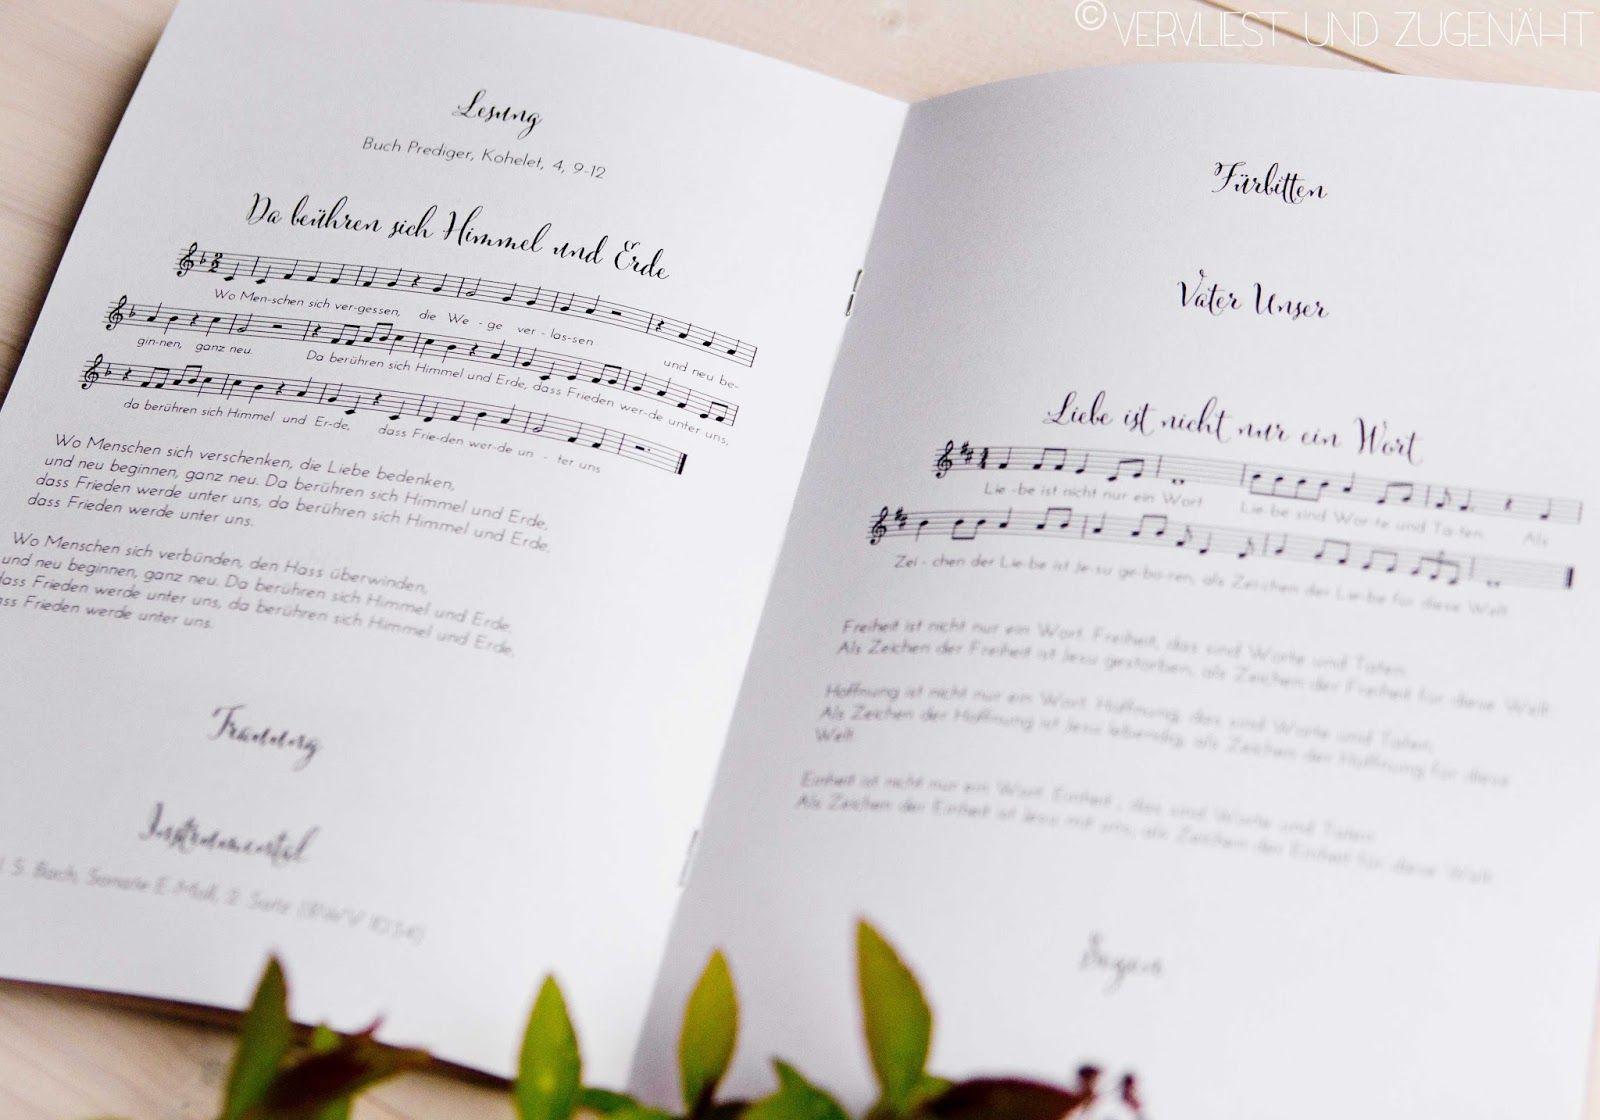 Fur Die Kirchliche Trauung Wollten Wir Ein Richtig Schones Liedblatt Das Man Als Gast Vielleicht Auch A Kirchenheft Hochzeit Vorlage Liedblatt Lieder Hochzeit